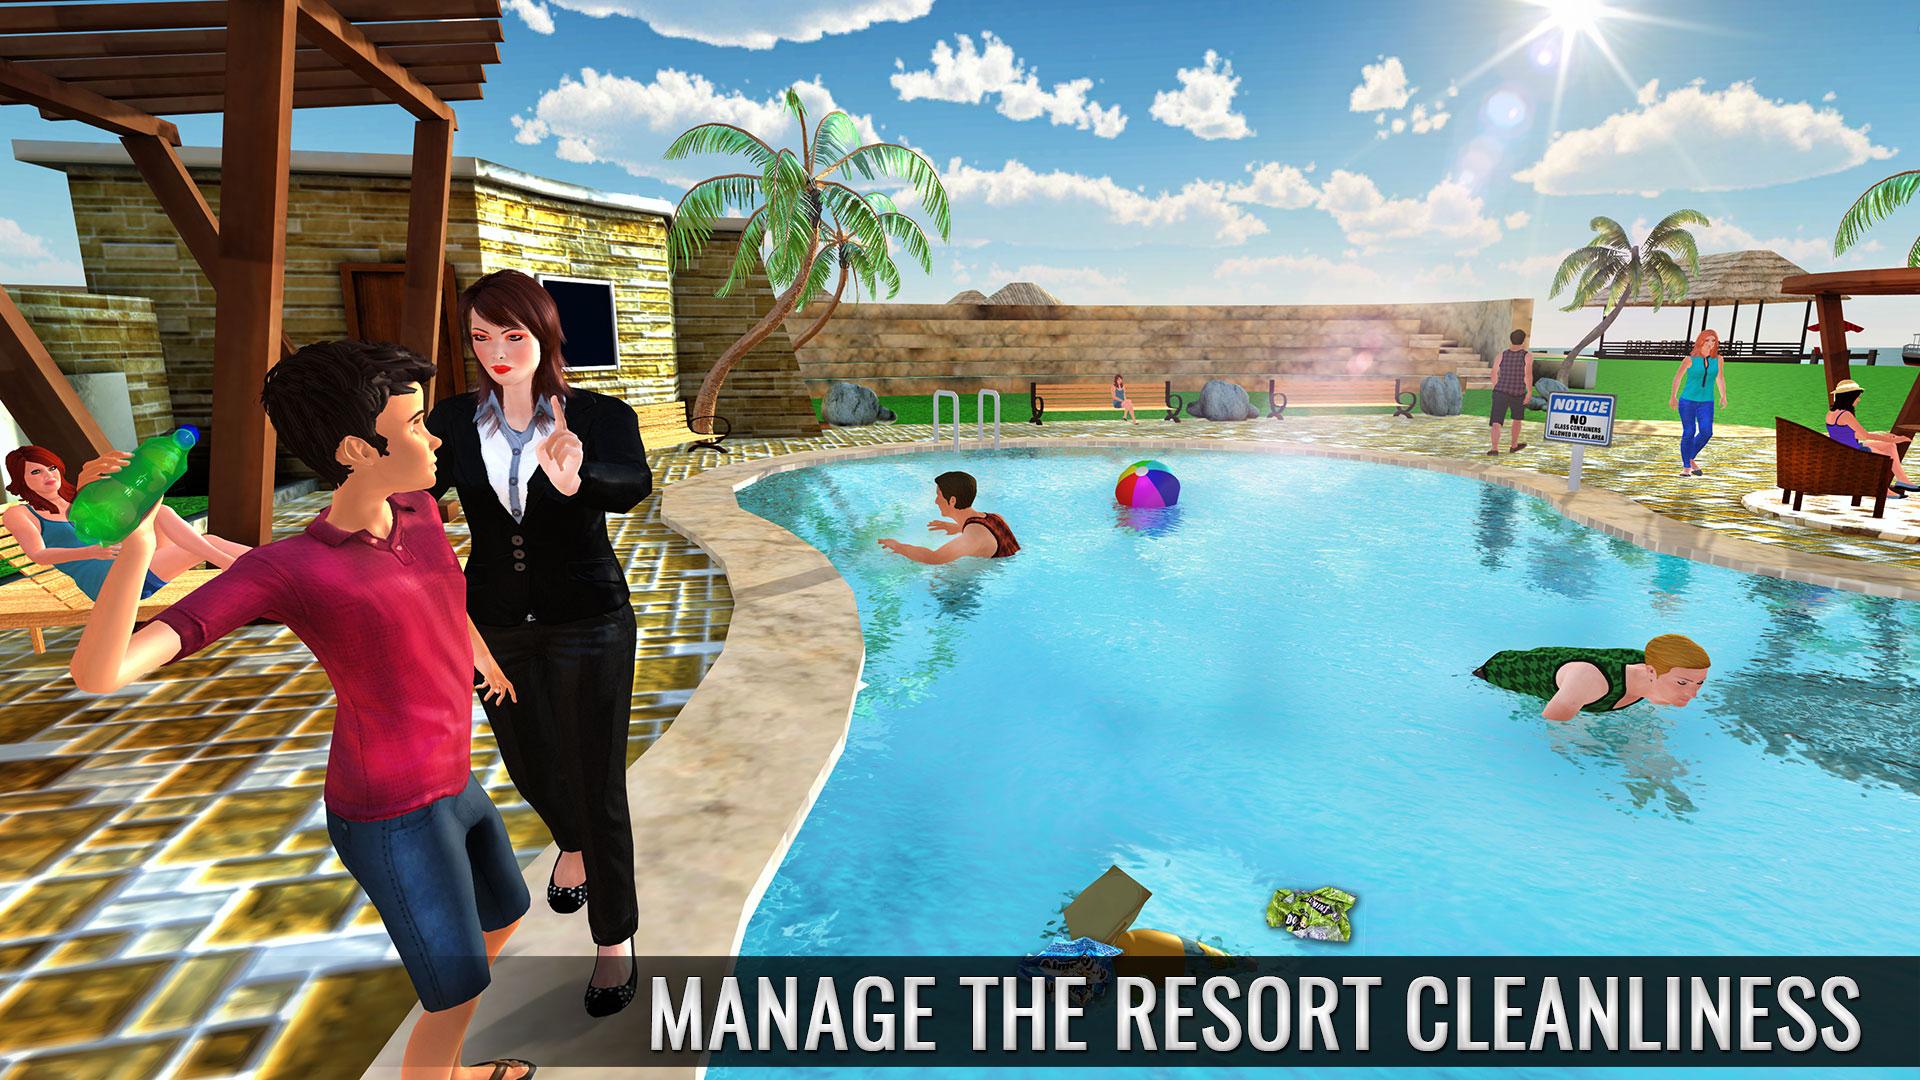 simulador de trabajo de gestión hotelera virtual juegos de hotel ...